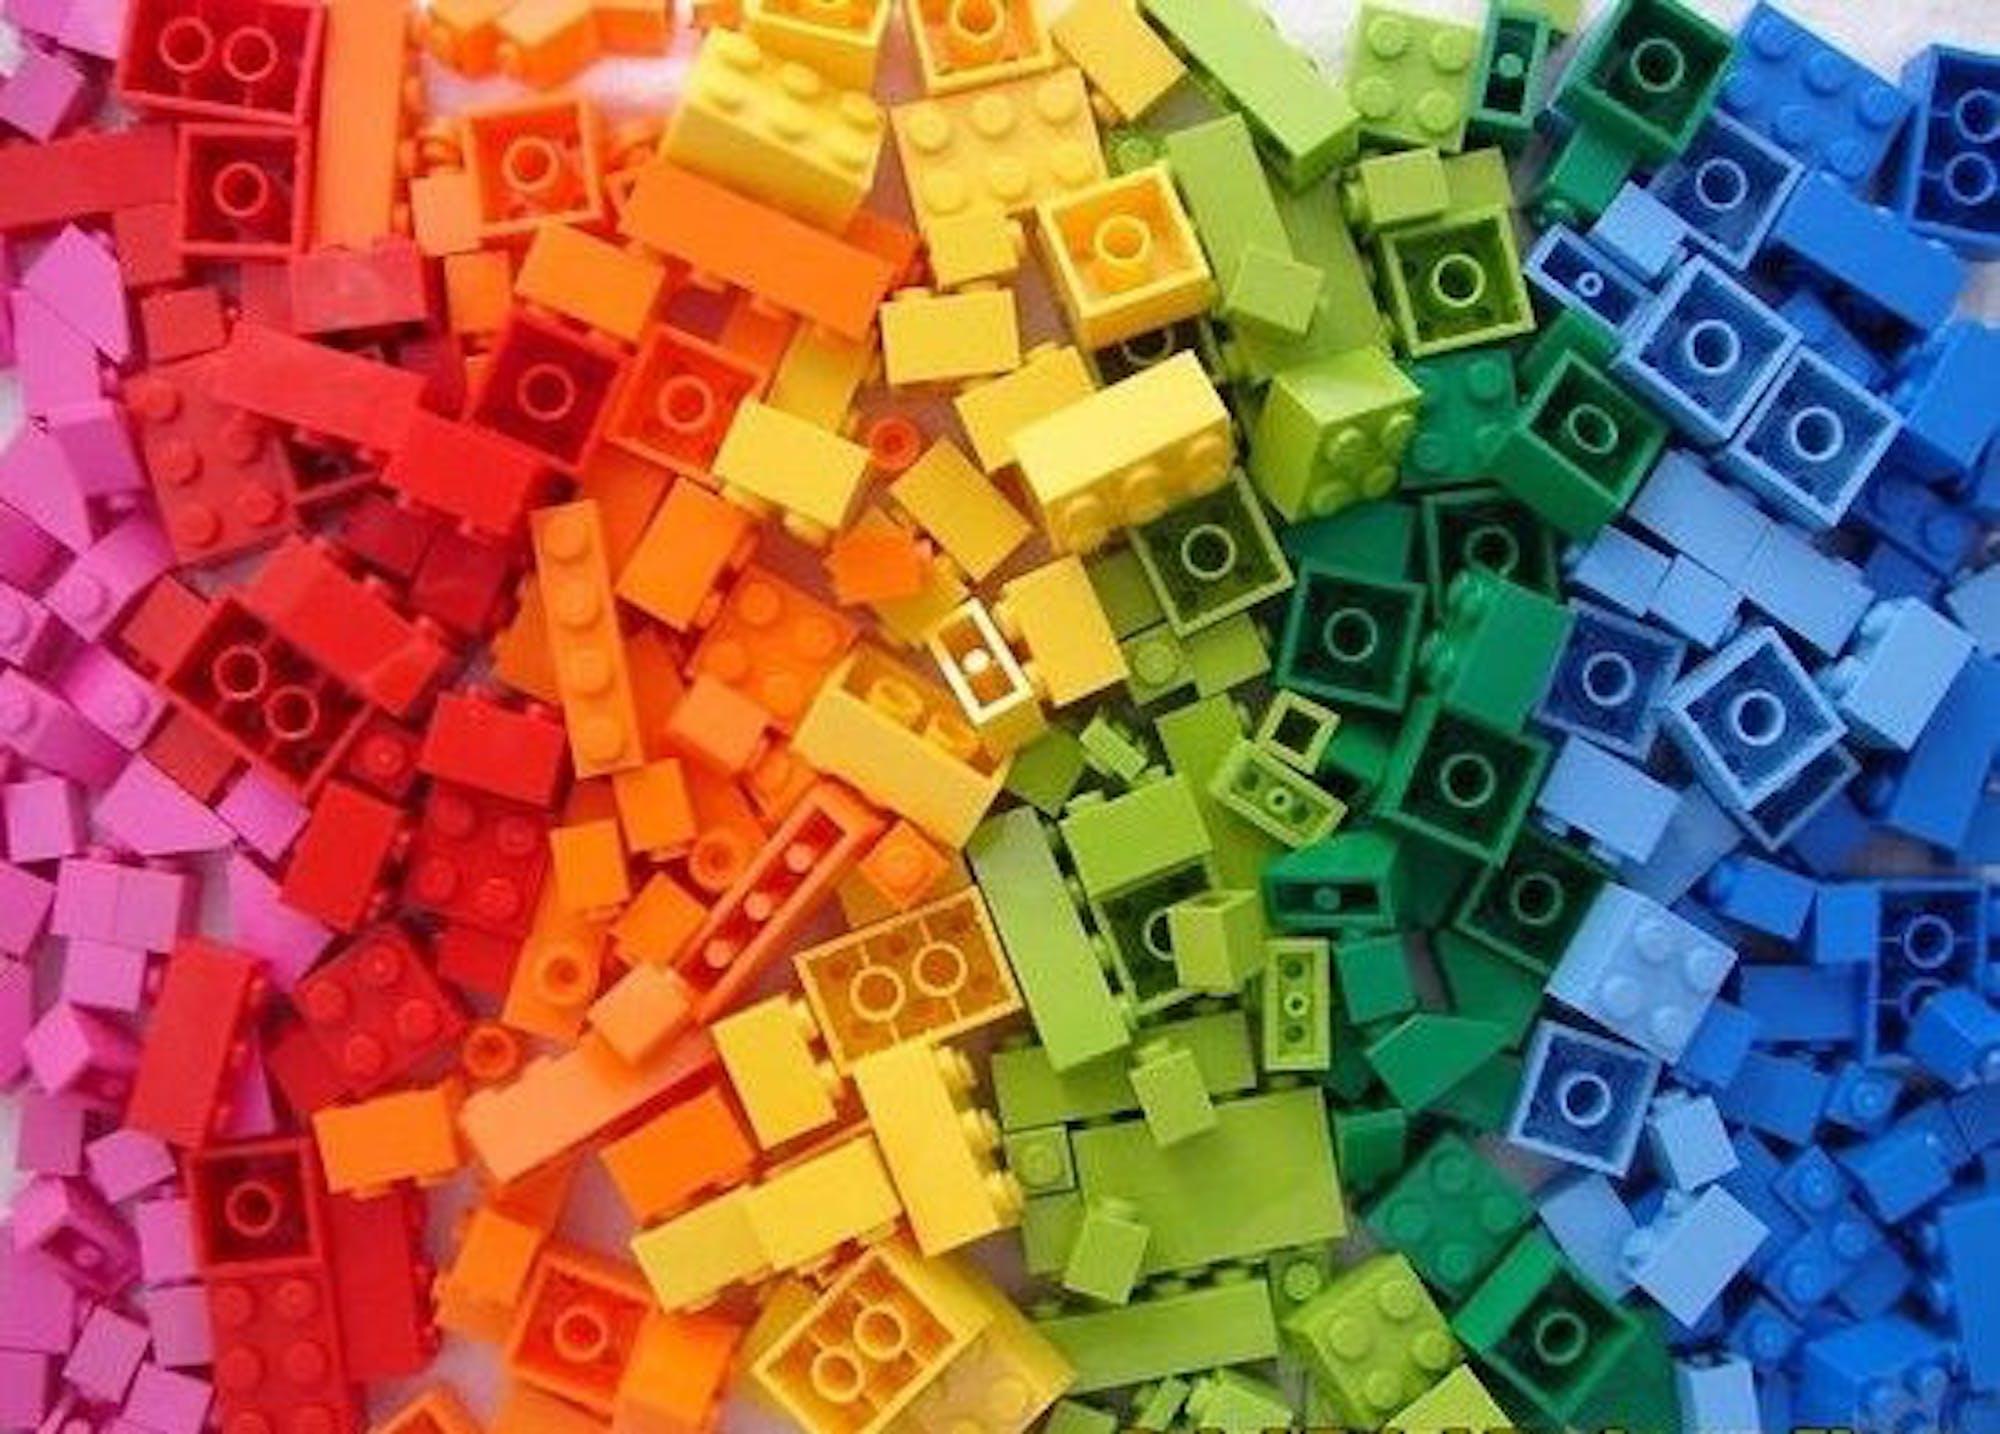 fa36d375a899ba7420c403df60d87cb4-psychedelic-colors-lego-brick